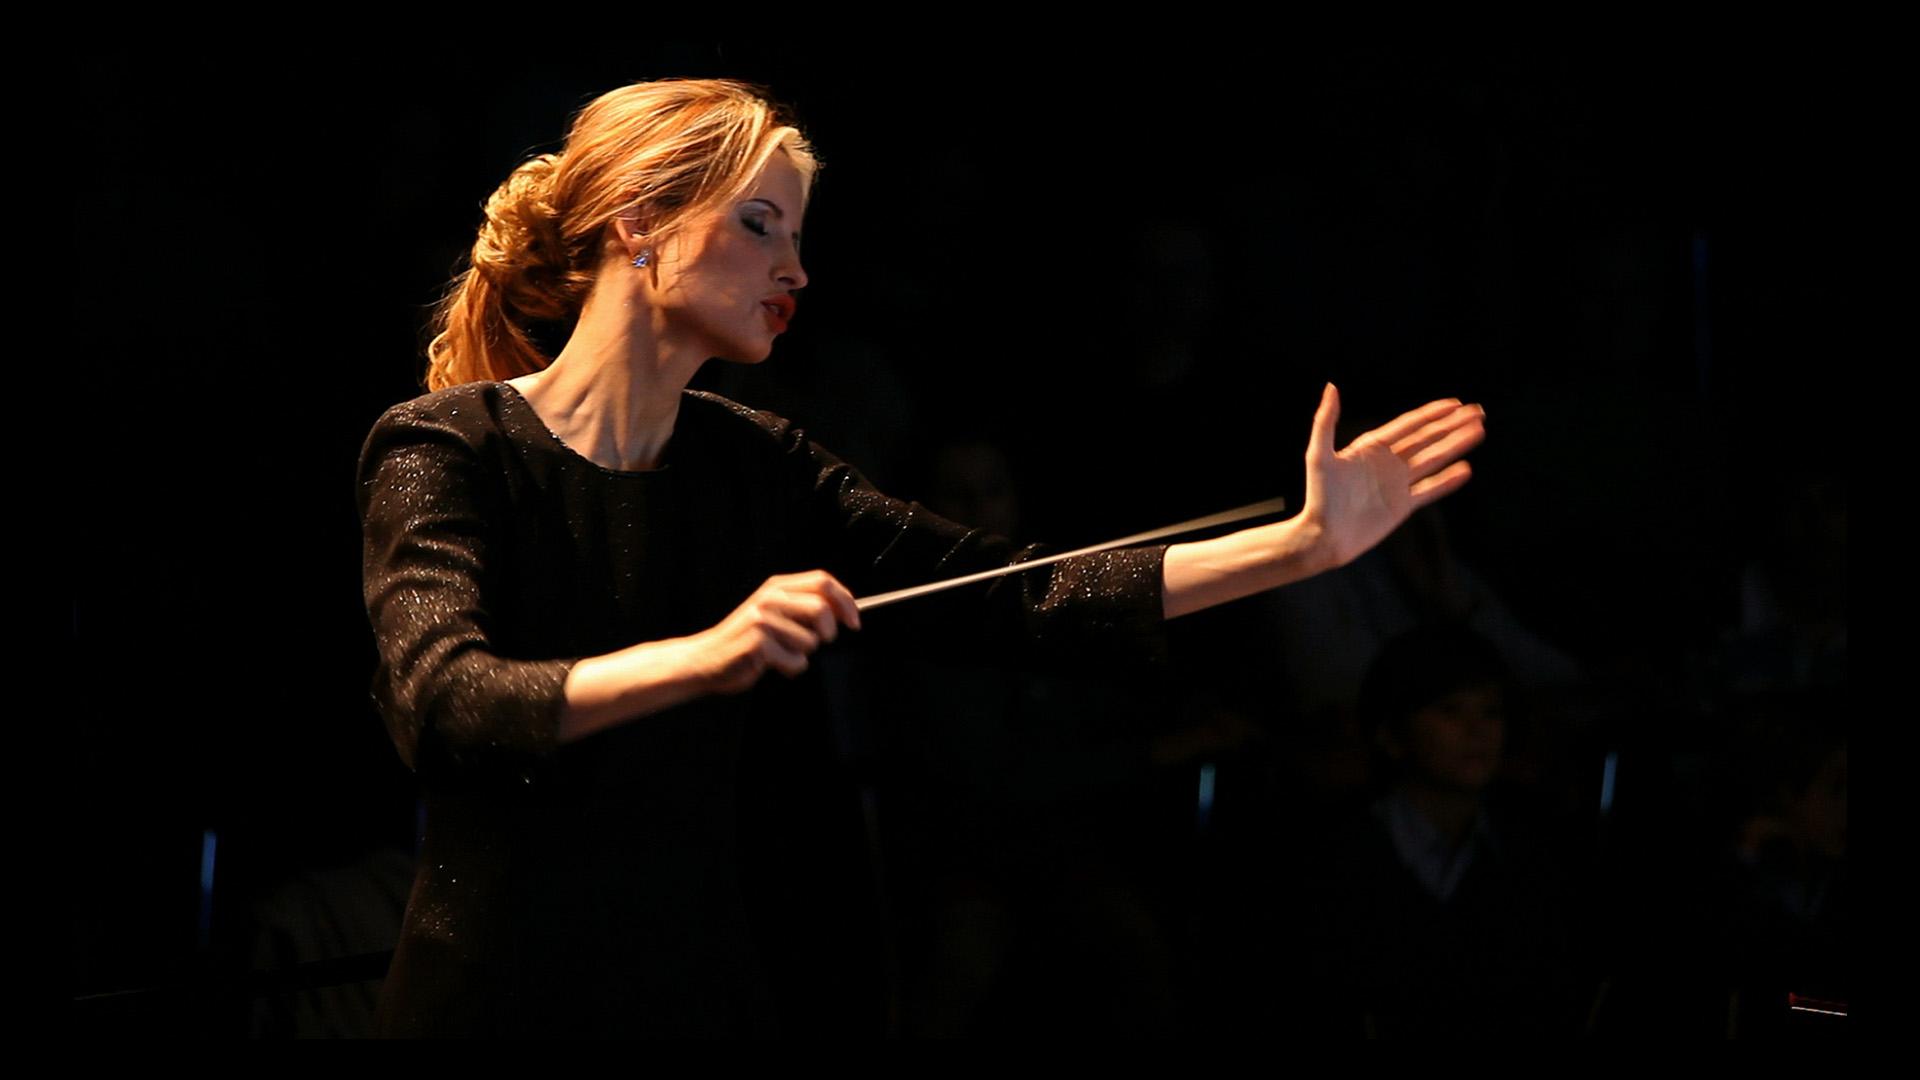 Lexus y la directora de orquesta Inma Shara en la primera edición de Premios de Excelencia Lexus